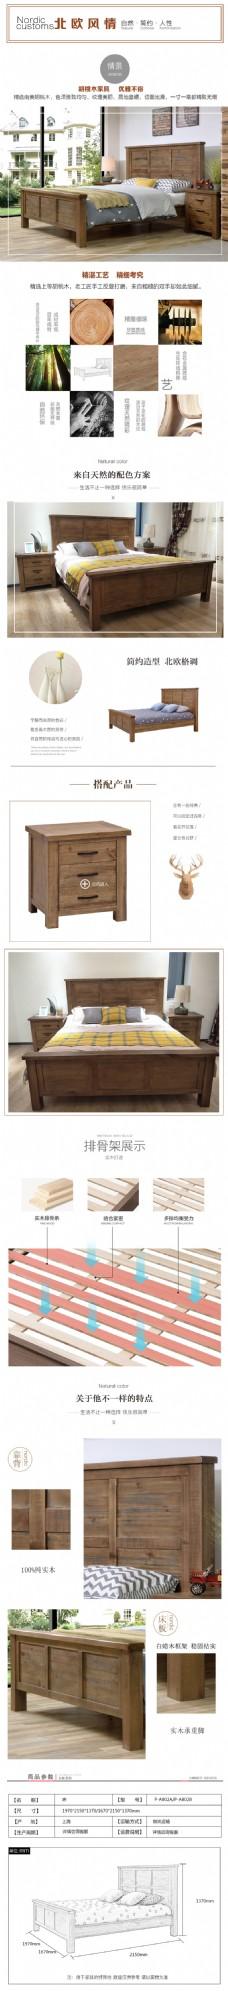 天猫淘宝实木床家具详情页